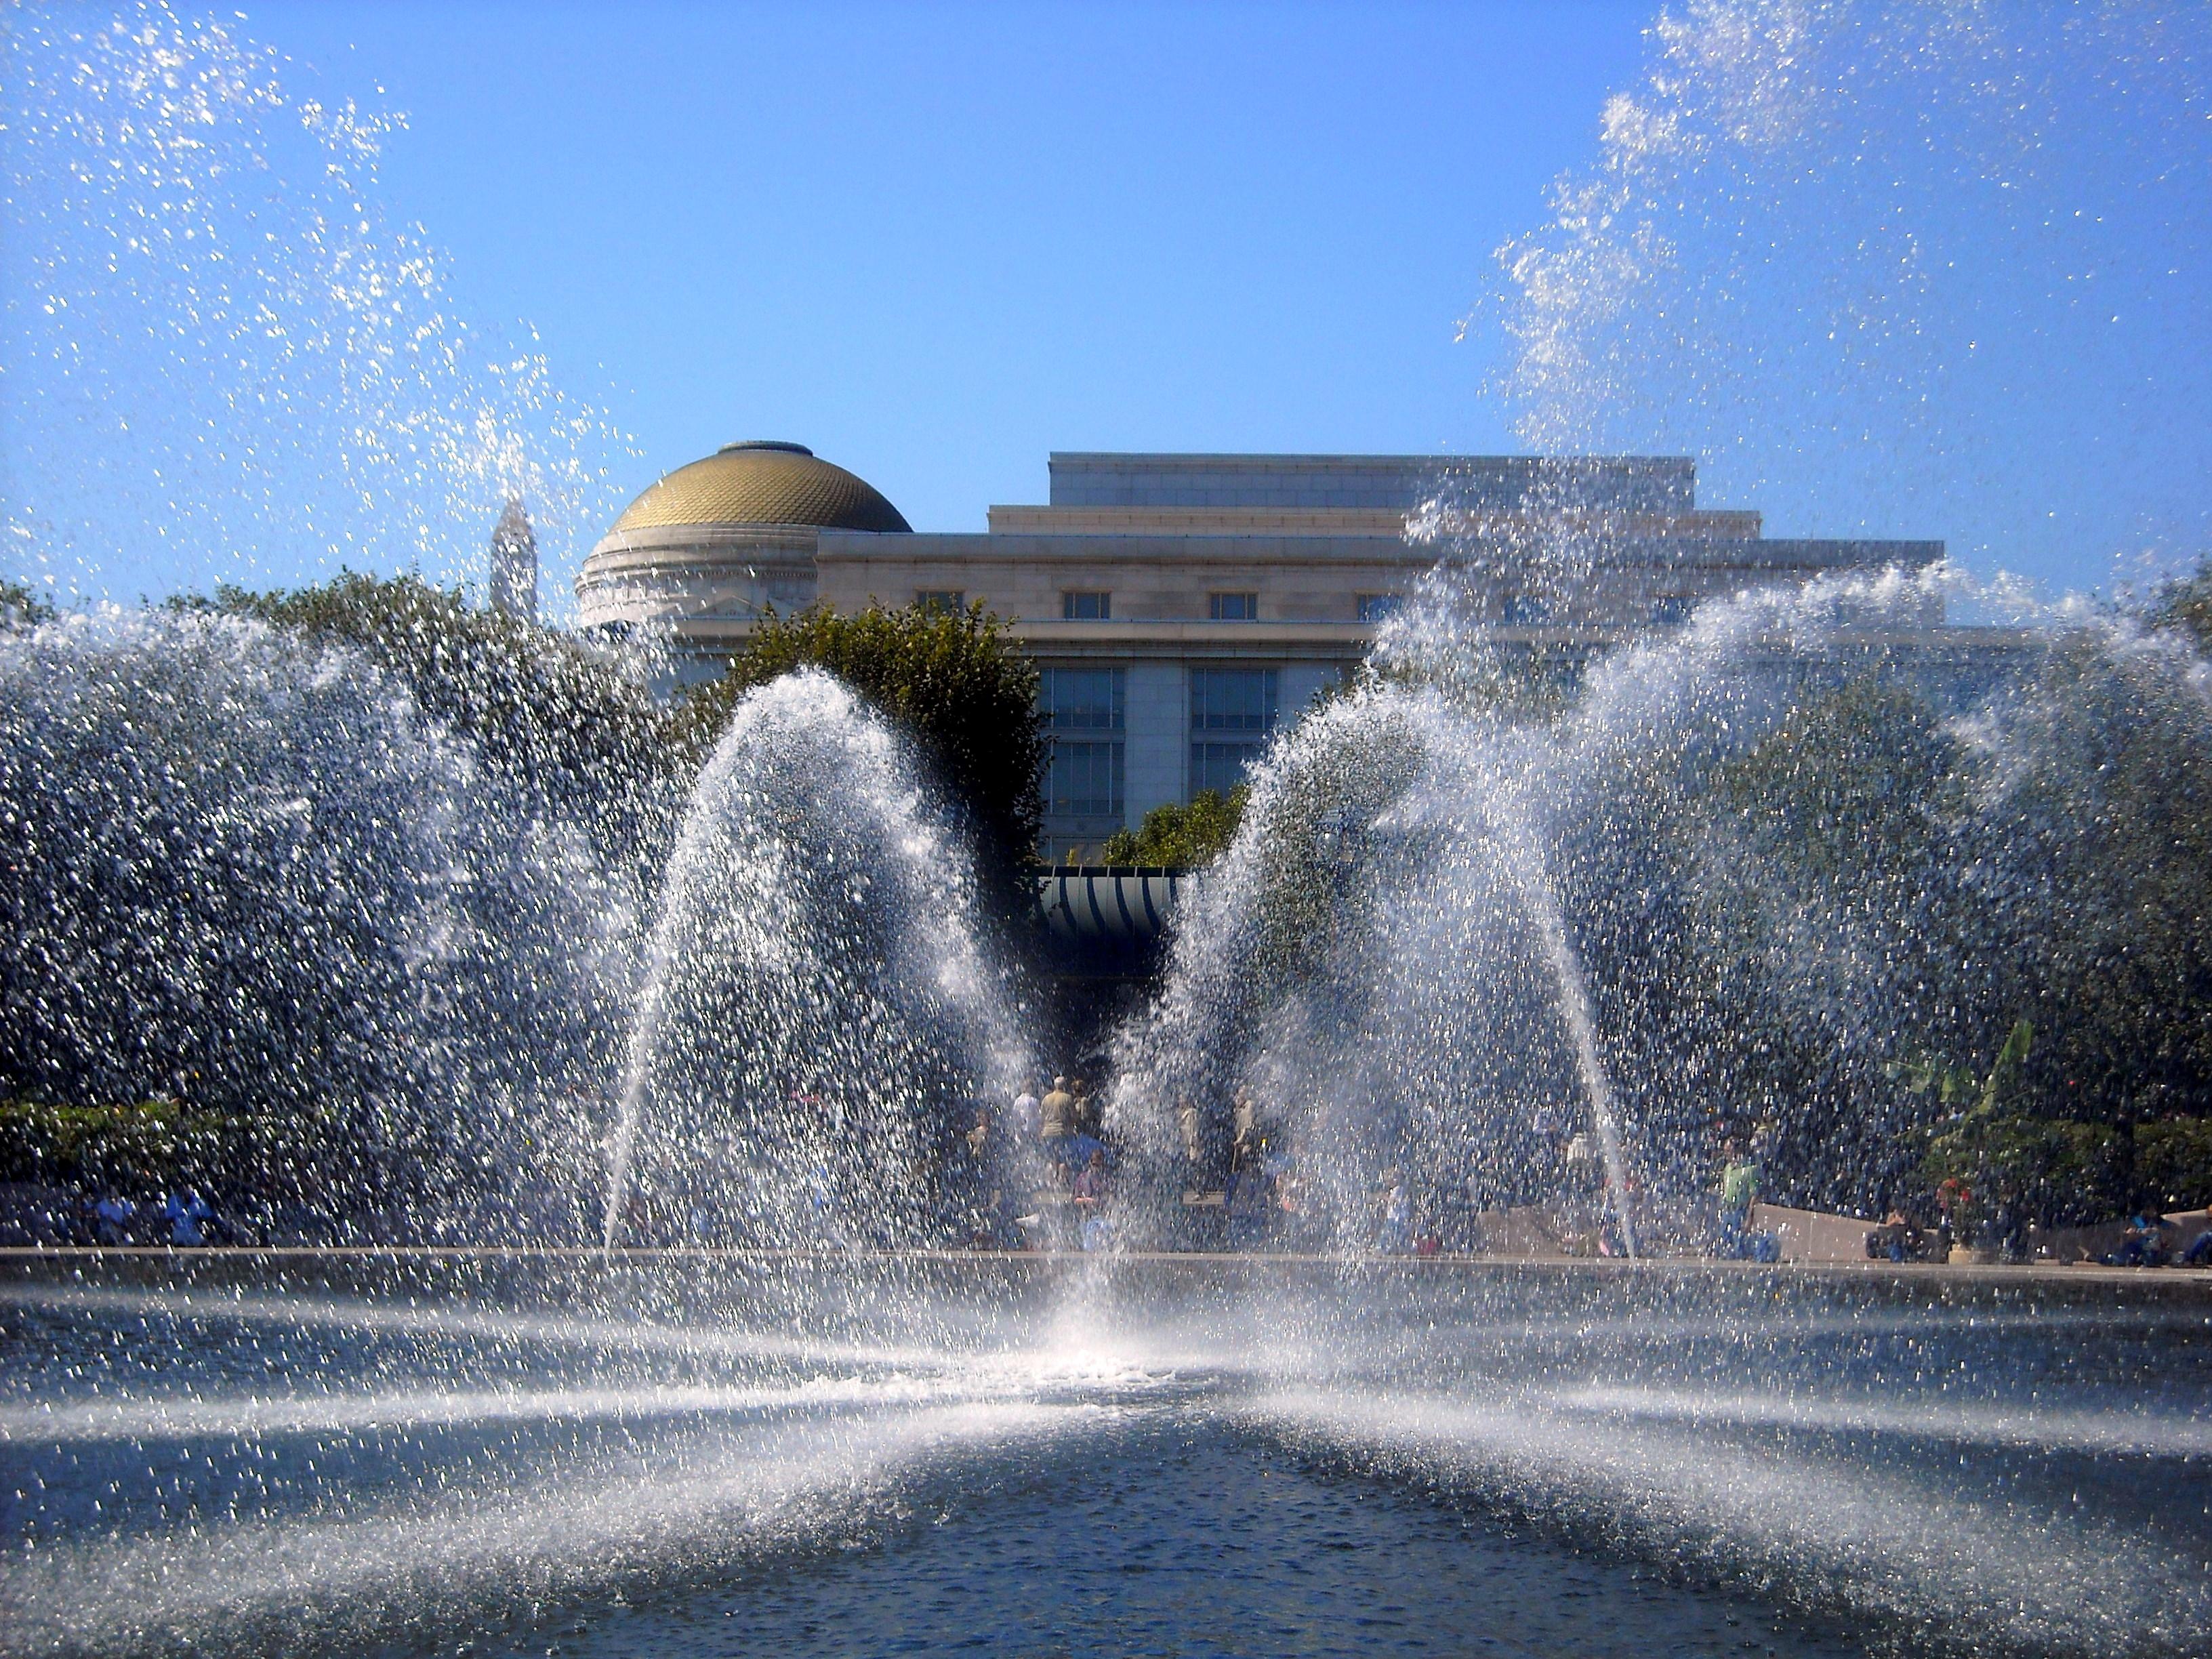 National Gallery Of Art Sculpture Garden Wikipedia